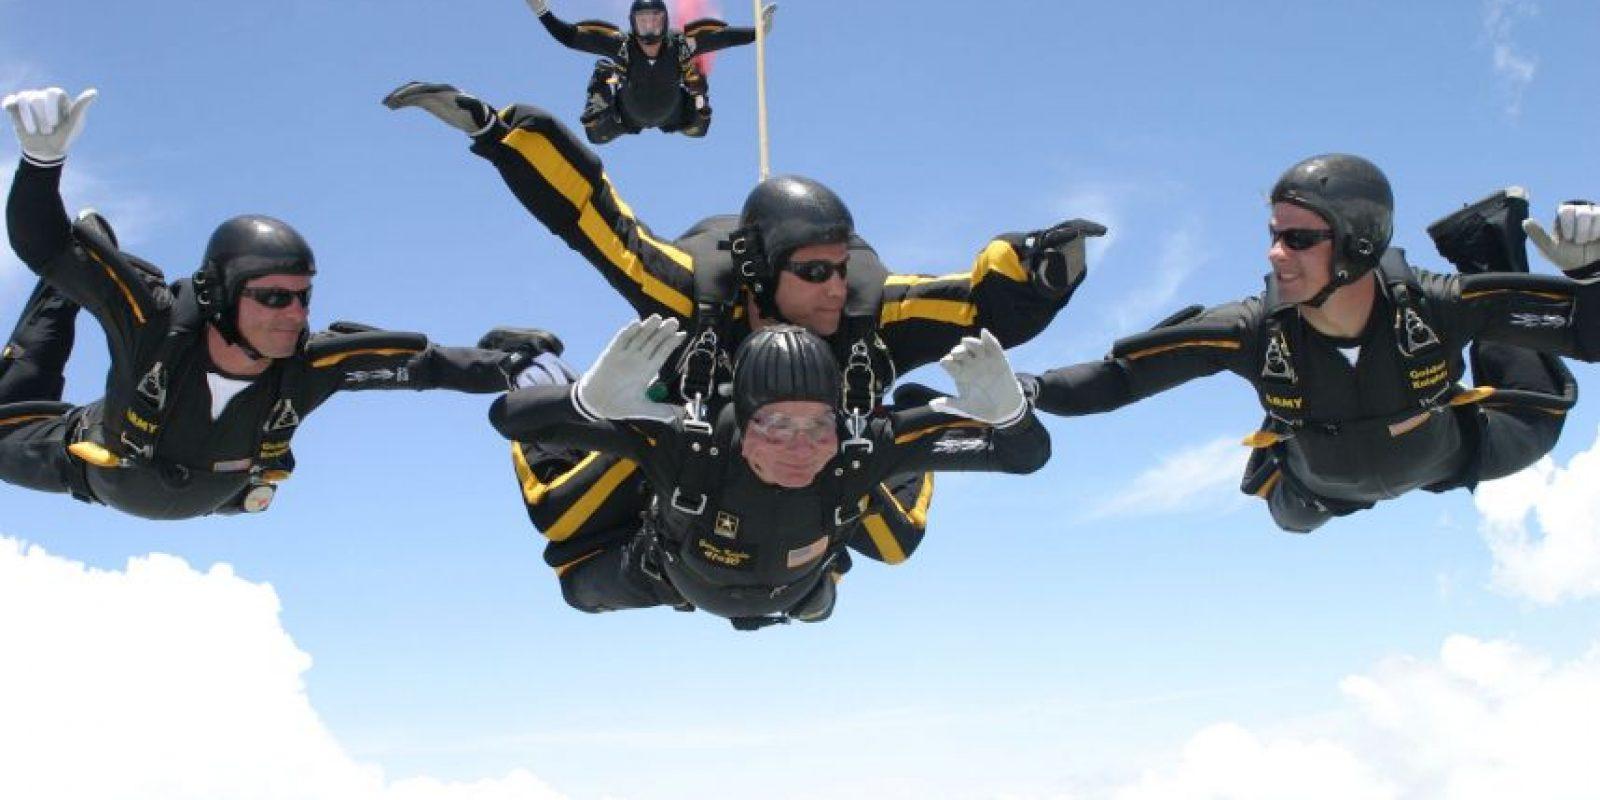 Para saltar en paracaídas, por su seguridad, debe pesar menos de 100 kilogramos y tener al menos 18 años de edad. Foto:Getty Images